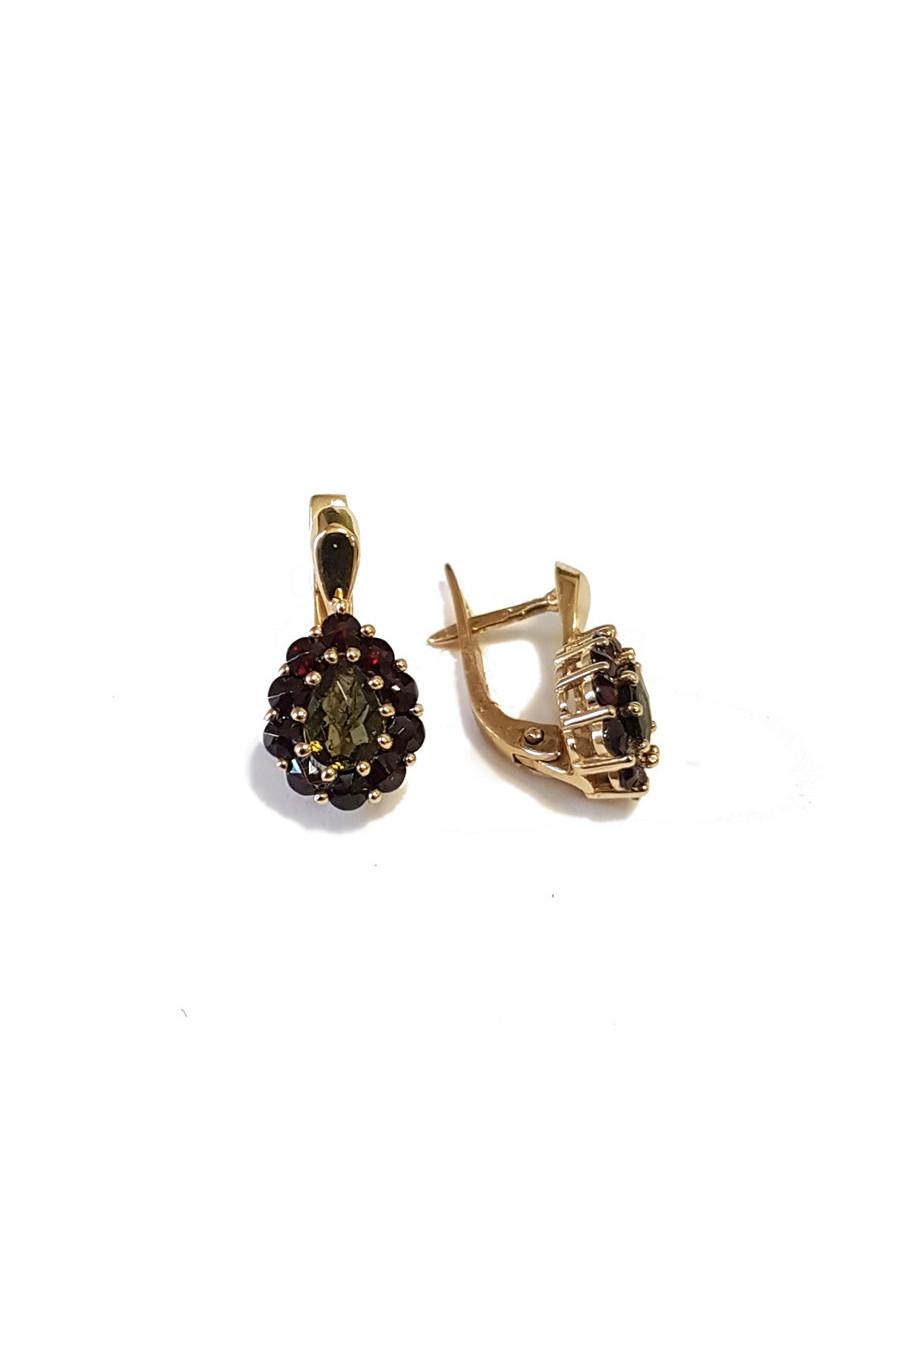 Gold earrings with garnet and moldavite